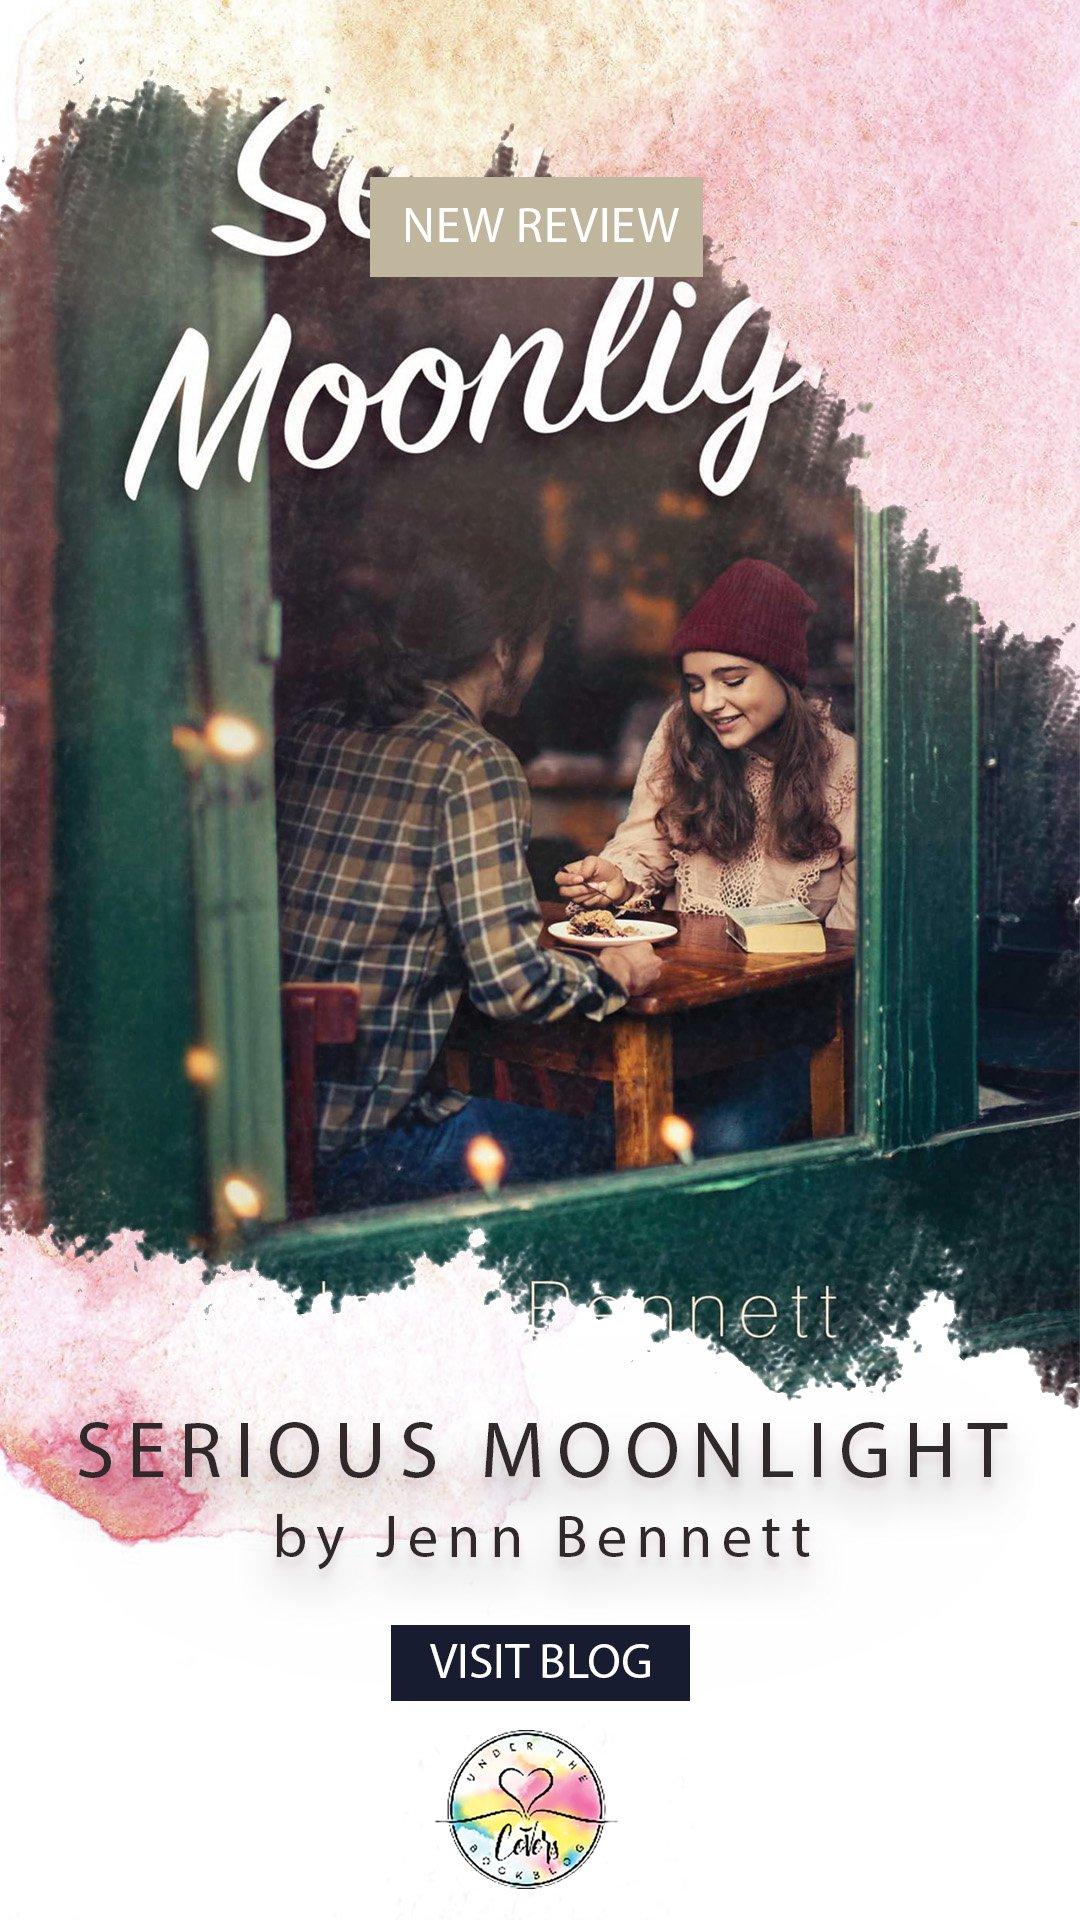 ARC Review: Serious Moonlight by Jenn Bennett